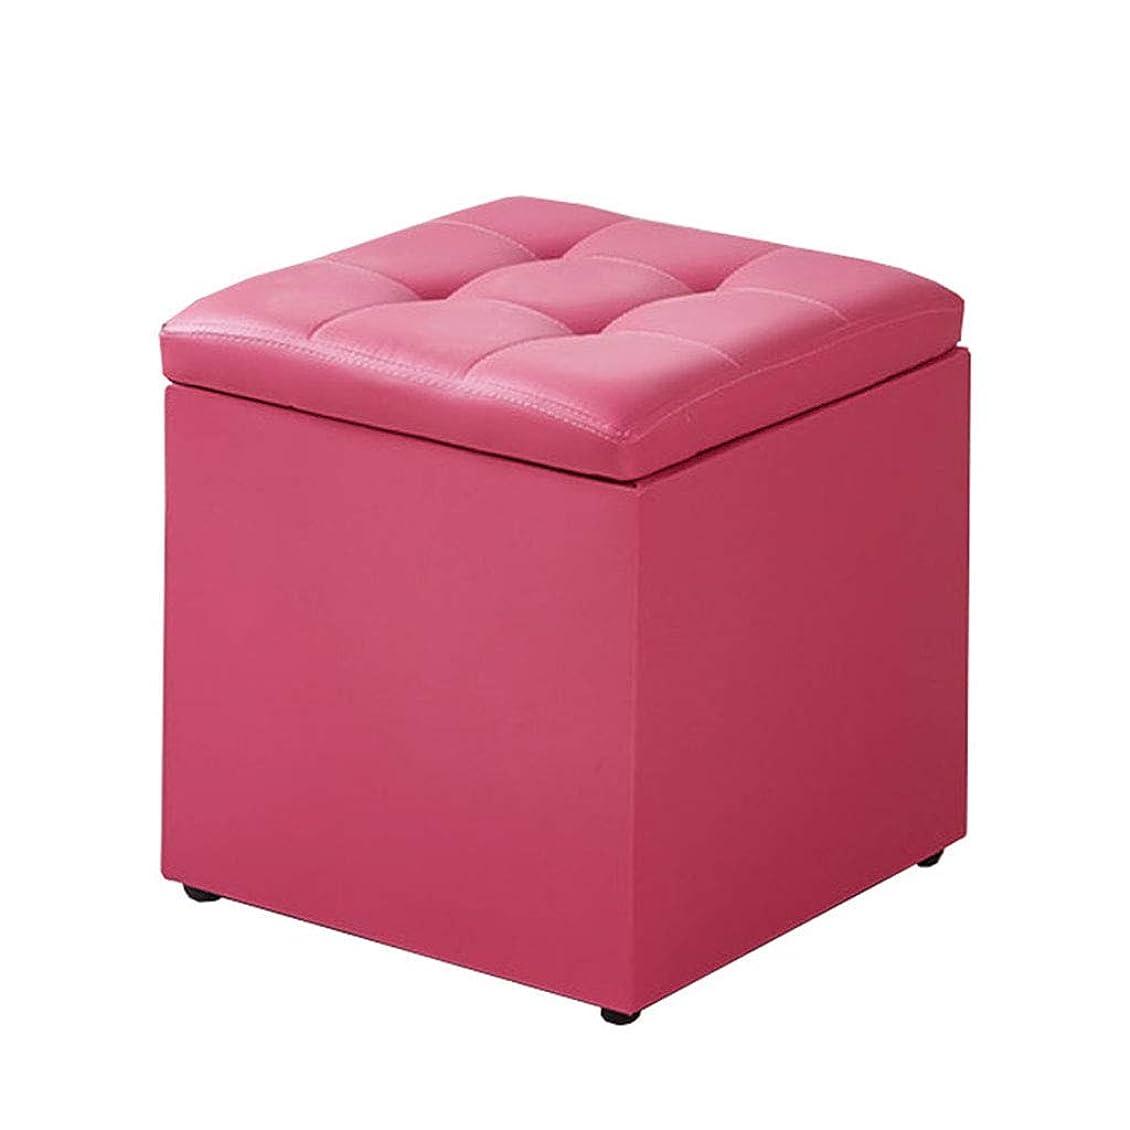 簡単にイタリアの故意にJJD PU収納スツール実用的な布張りフットスツール用リビングルーム寝室シングルオスマン席、フェイクレザー節約スペース (Color : ピンク, サイズ : 33X33X34CM)